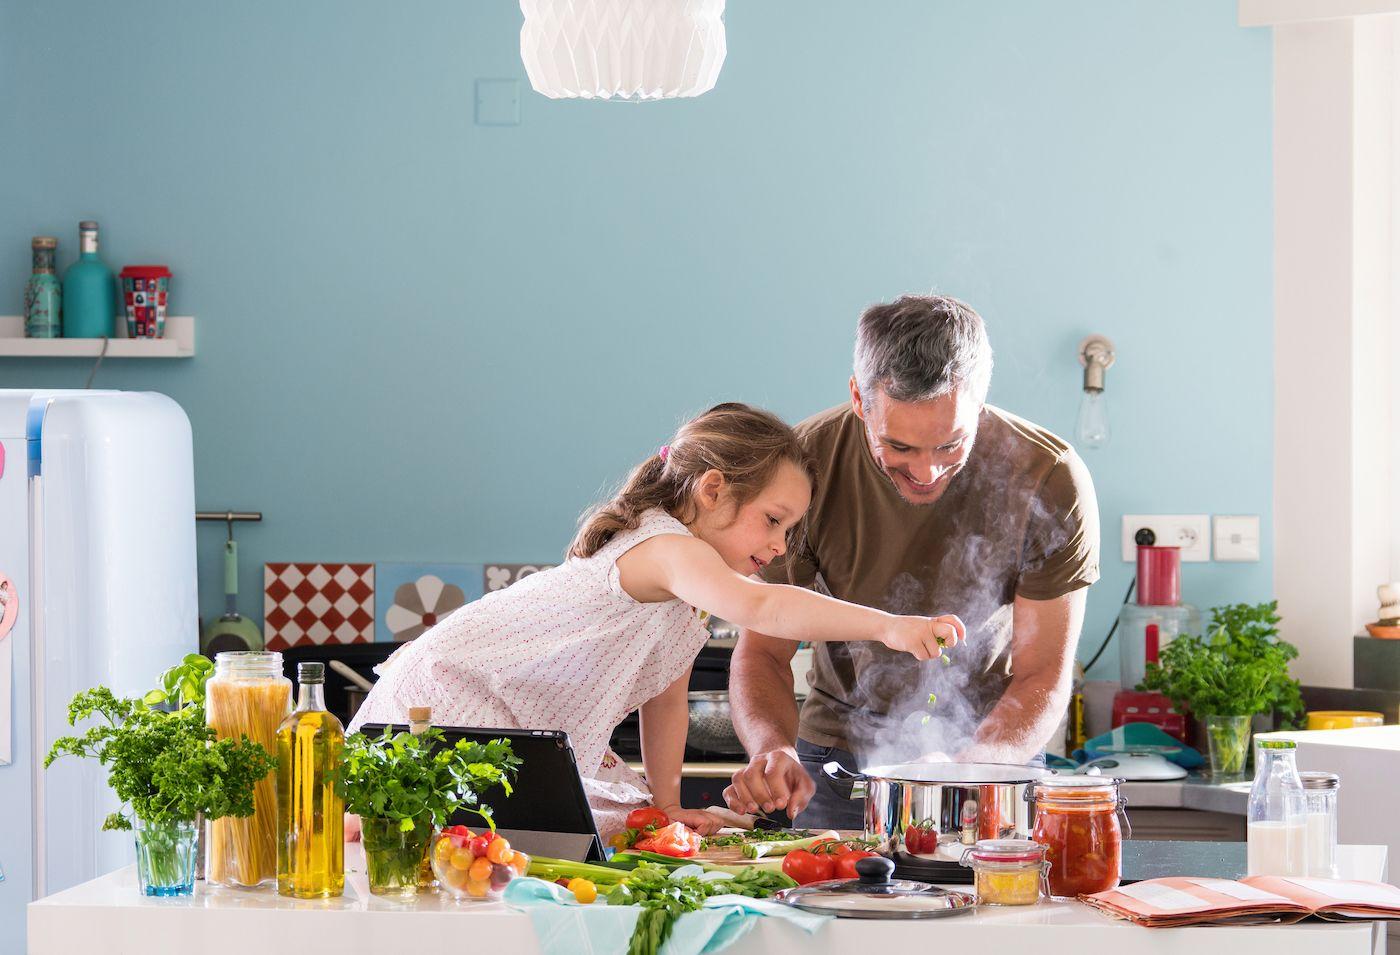 schnelle Familienrezepte, Rezepte für die Familie, Wochenplan Essen Familie, Rezeptvorschläge Familie